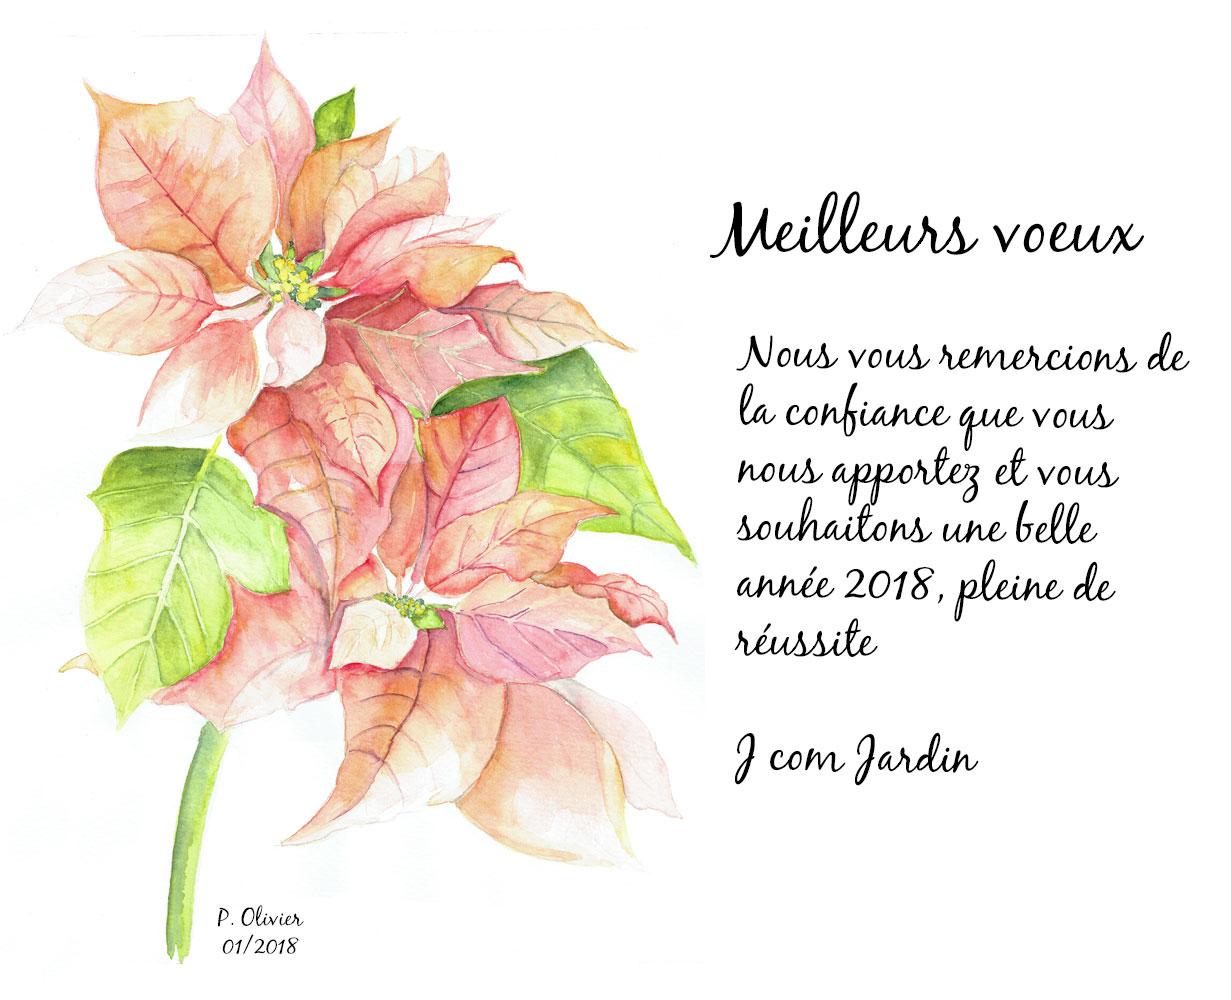 Carte de voeux de J com Jardin pour 2018